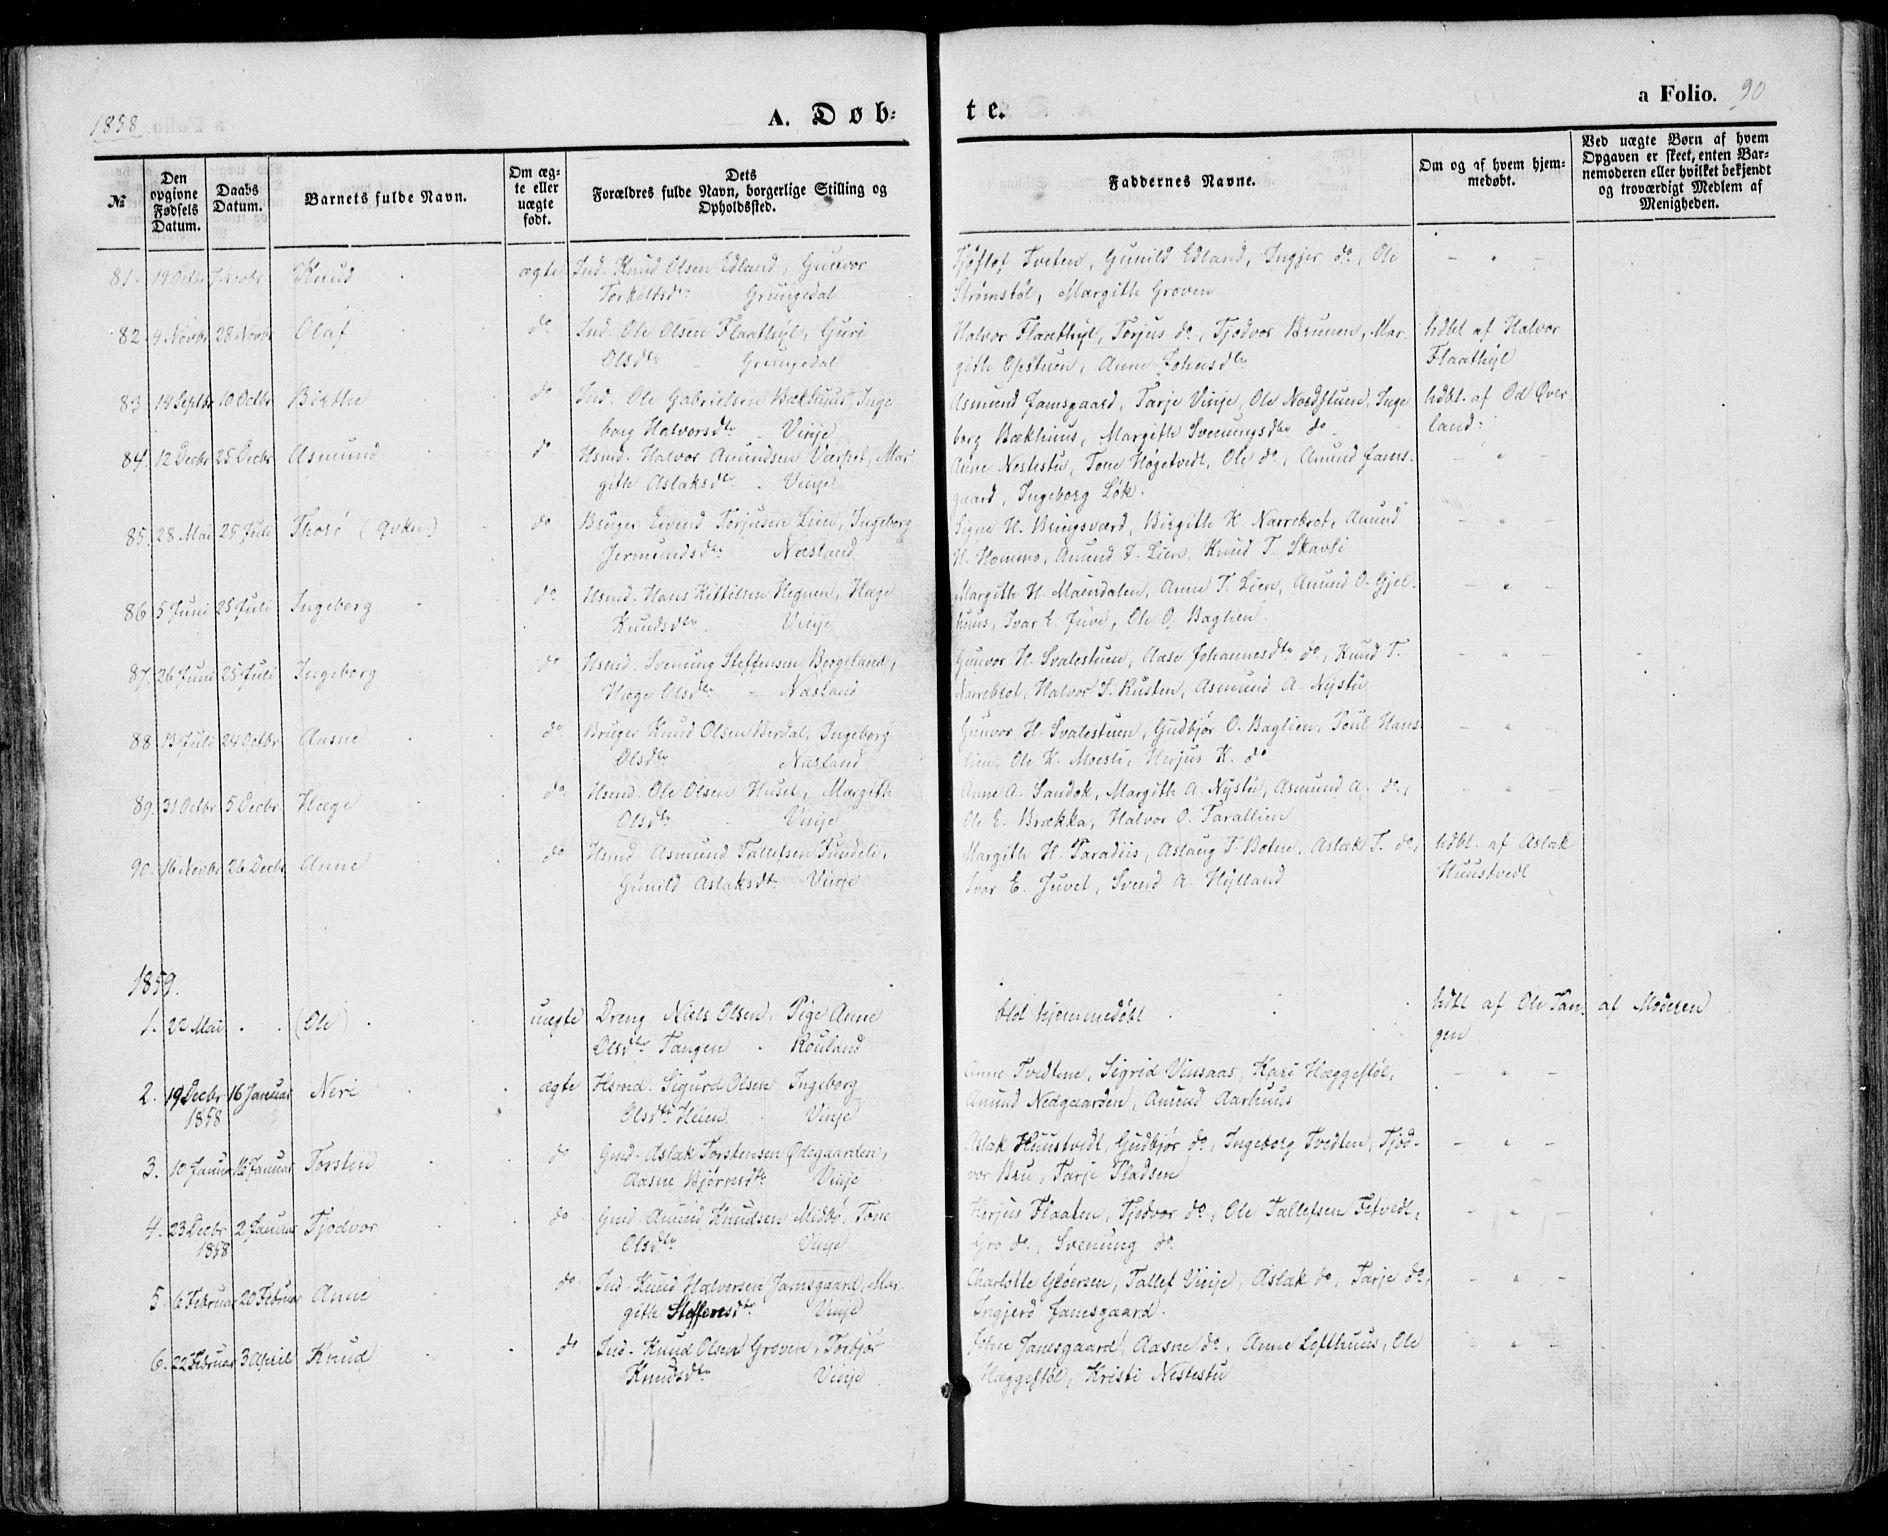 SAKO, Vinje kirkebøker, F/Fa/L0004: Ministerialbok nr. I 4, 1843-1869, s. 90